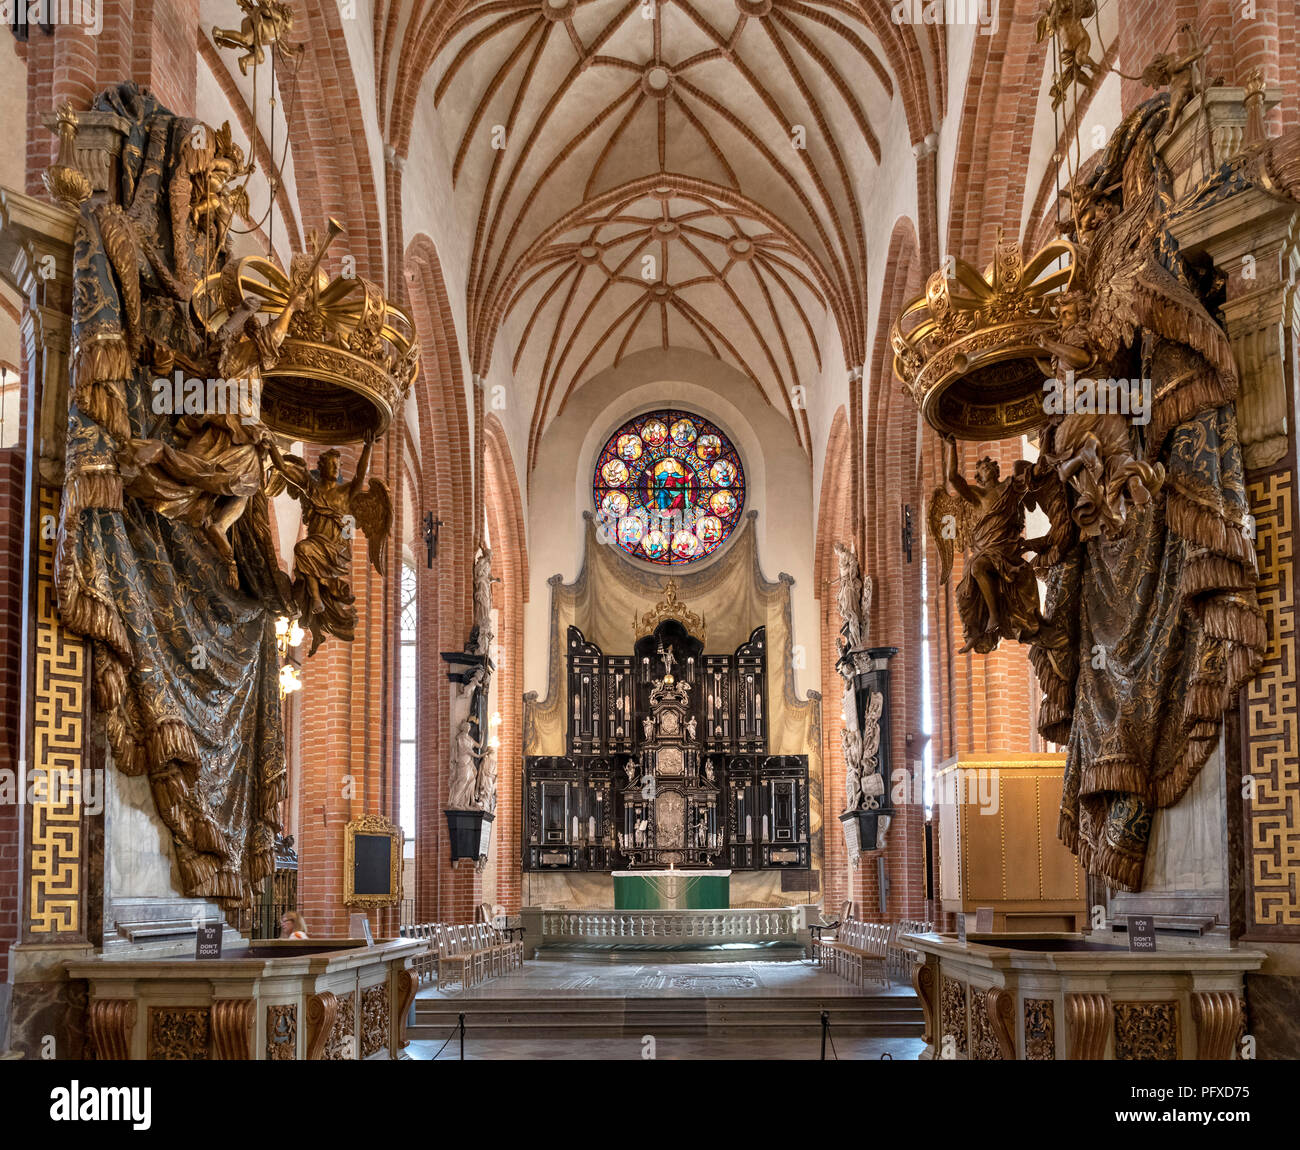 Storkyrkan (Stockholm Cathedral), Gamla Stan (Old Town), Stadsholmen island, Stockholm, Sweden - Stock Image